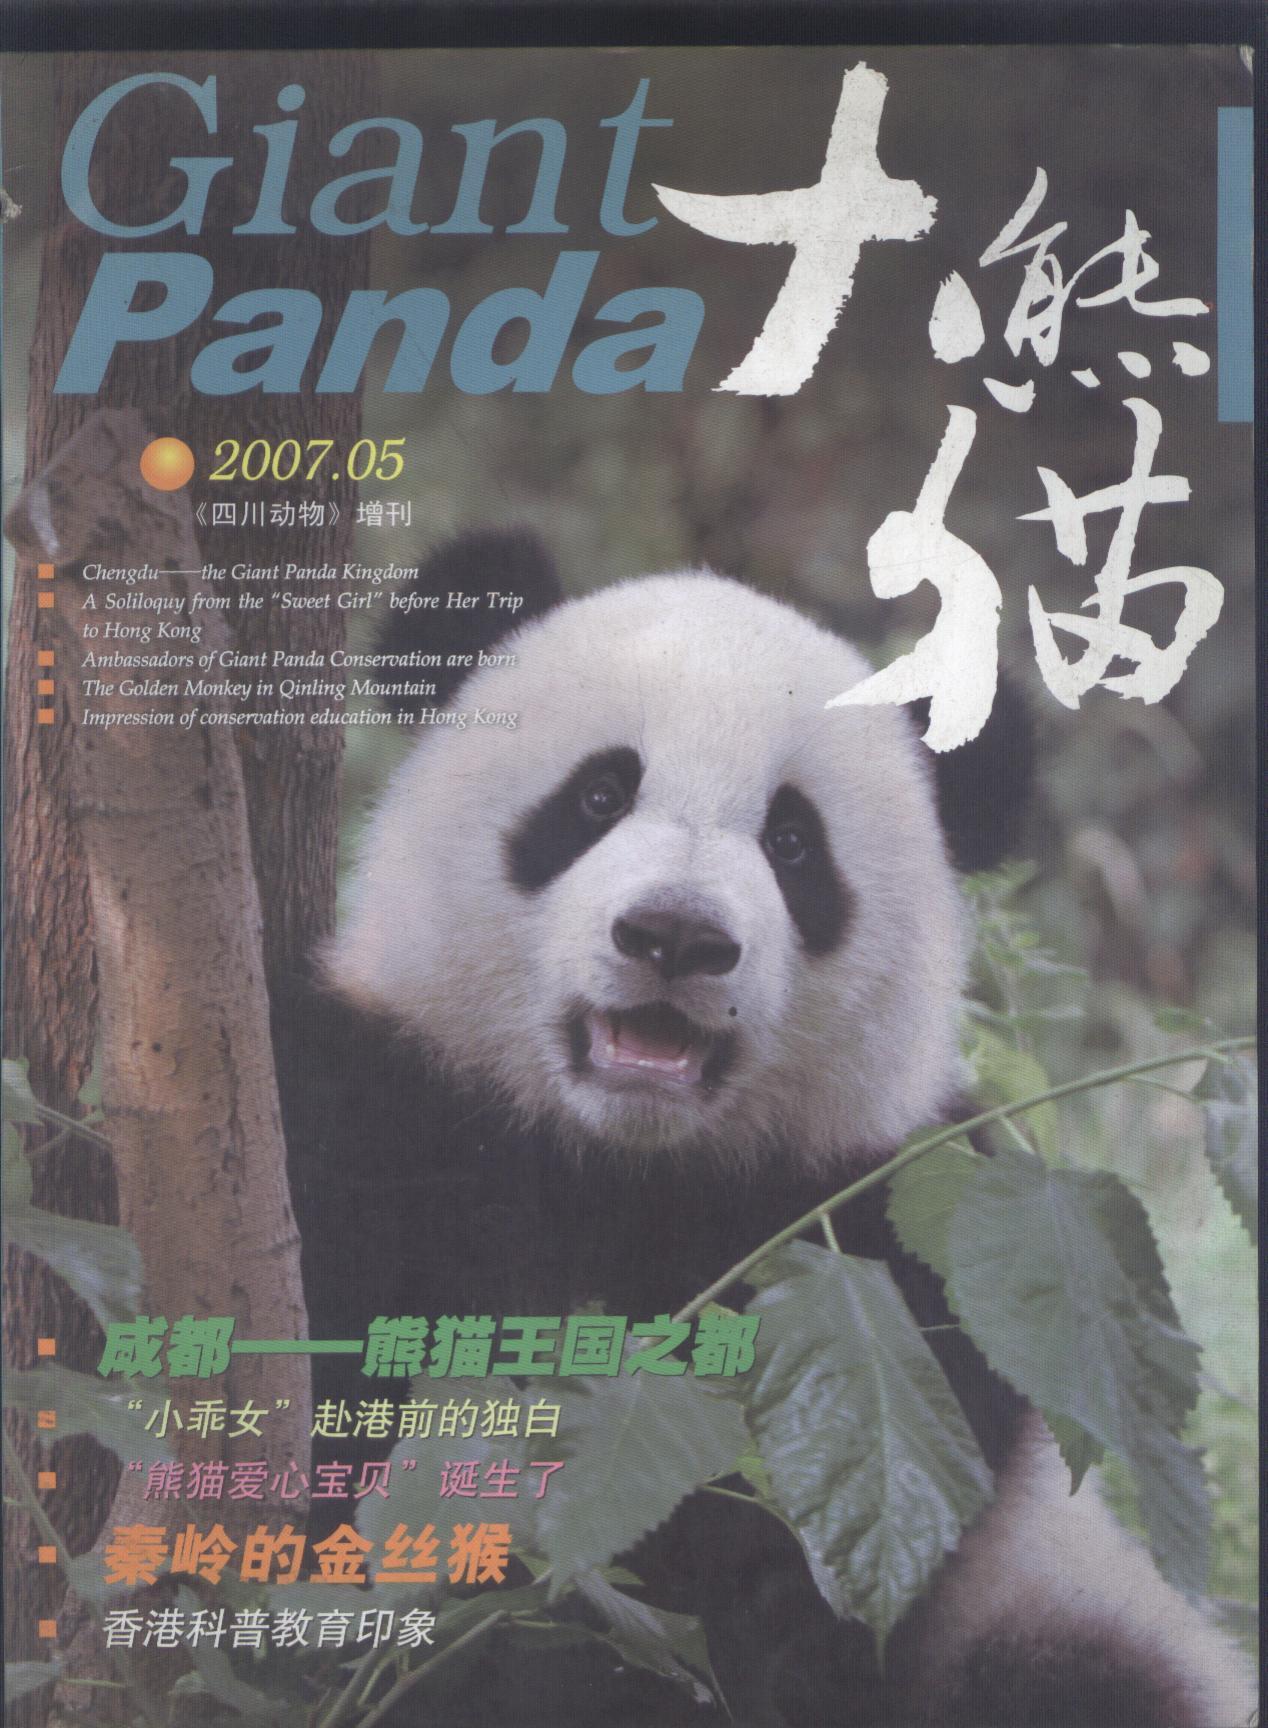 大熊猫 2007年笫5期《四川动物》增刊(图1)